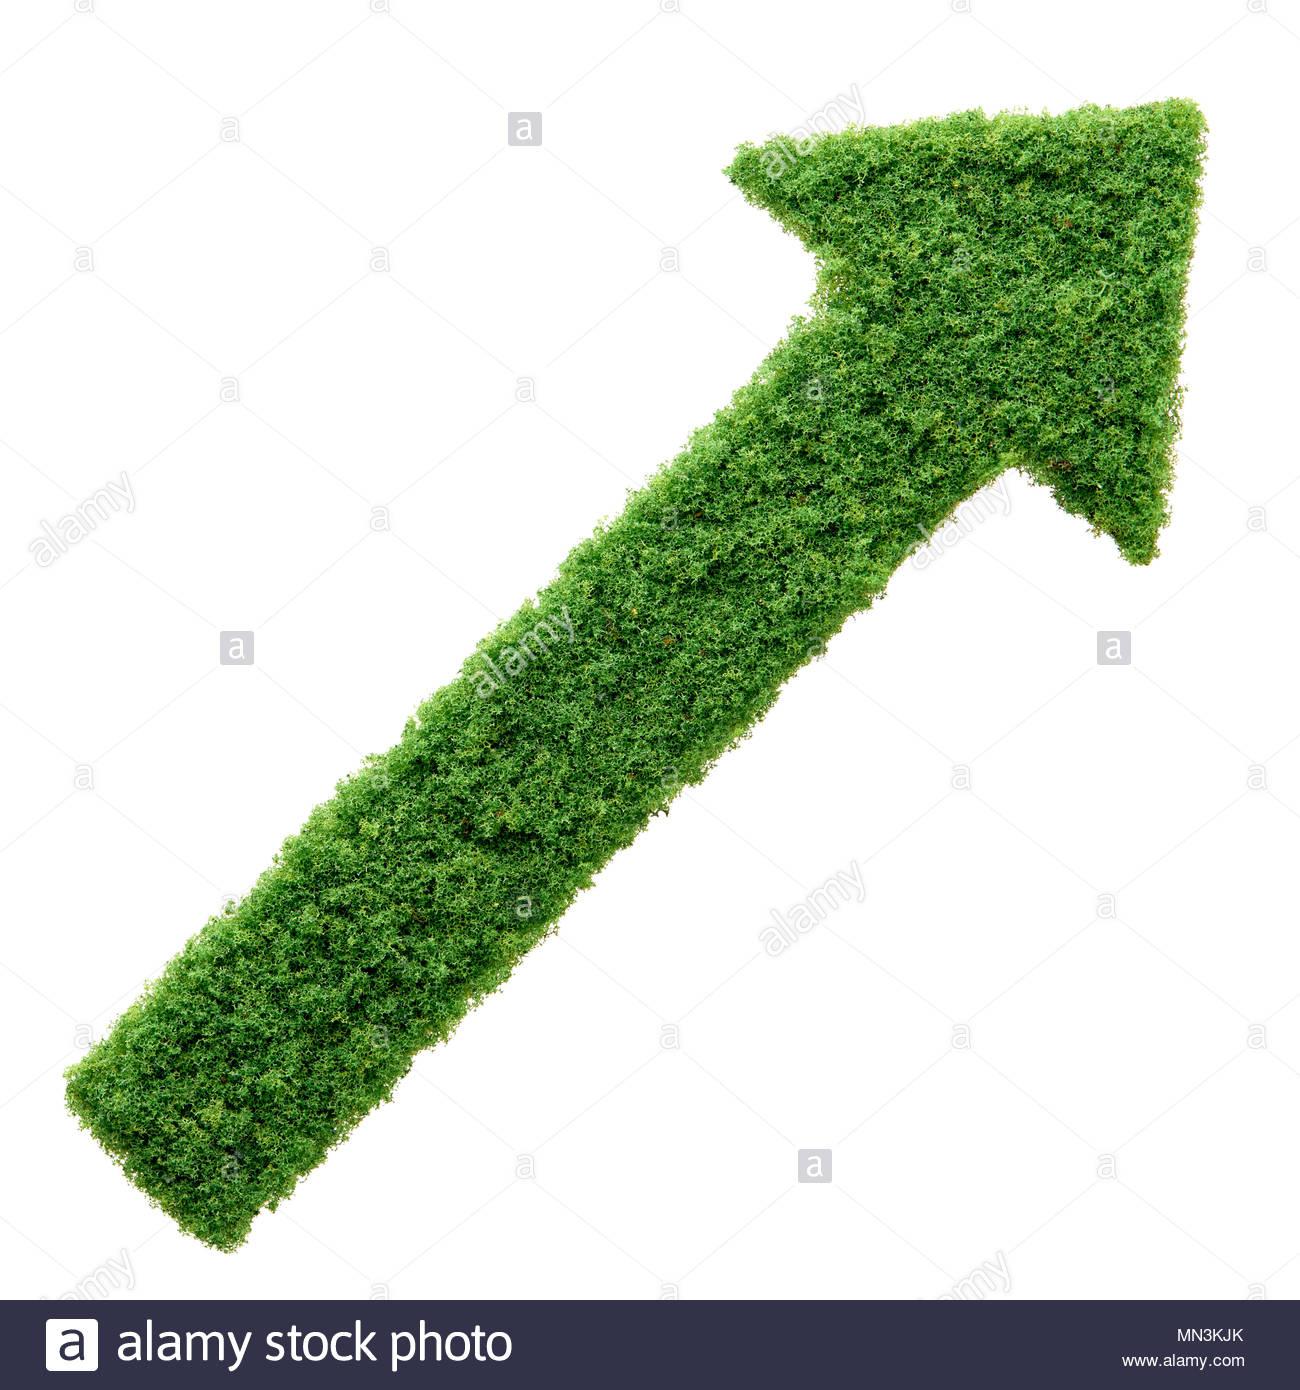 Erba che cresce in forma di freccia, che simboleggia la cura e la dedizione necessarie per il progresso e il successo e il profitto in azienda. Immagini Stock